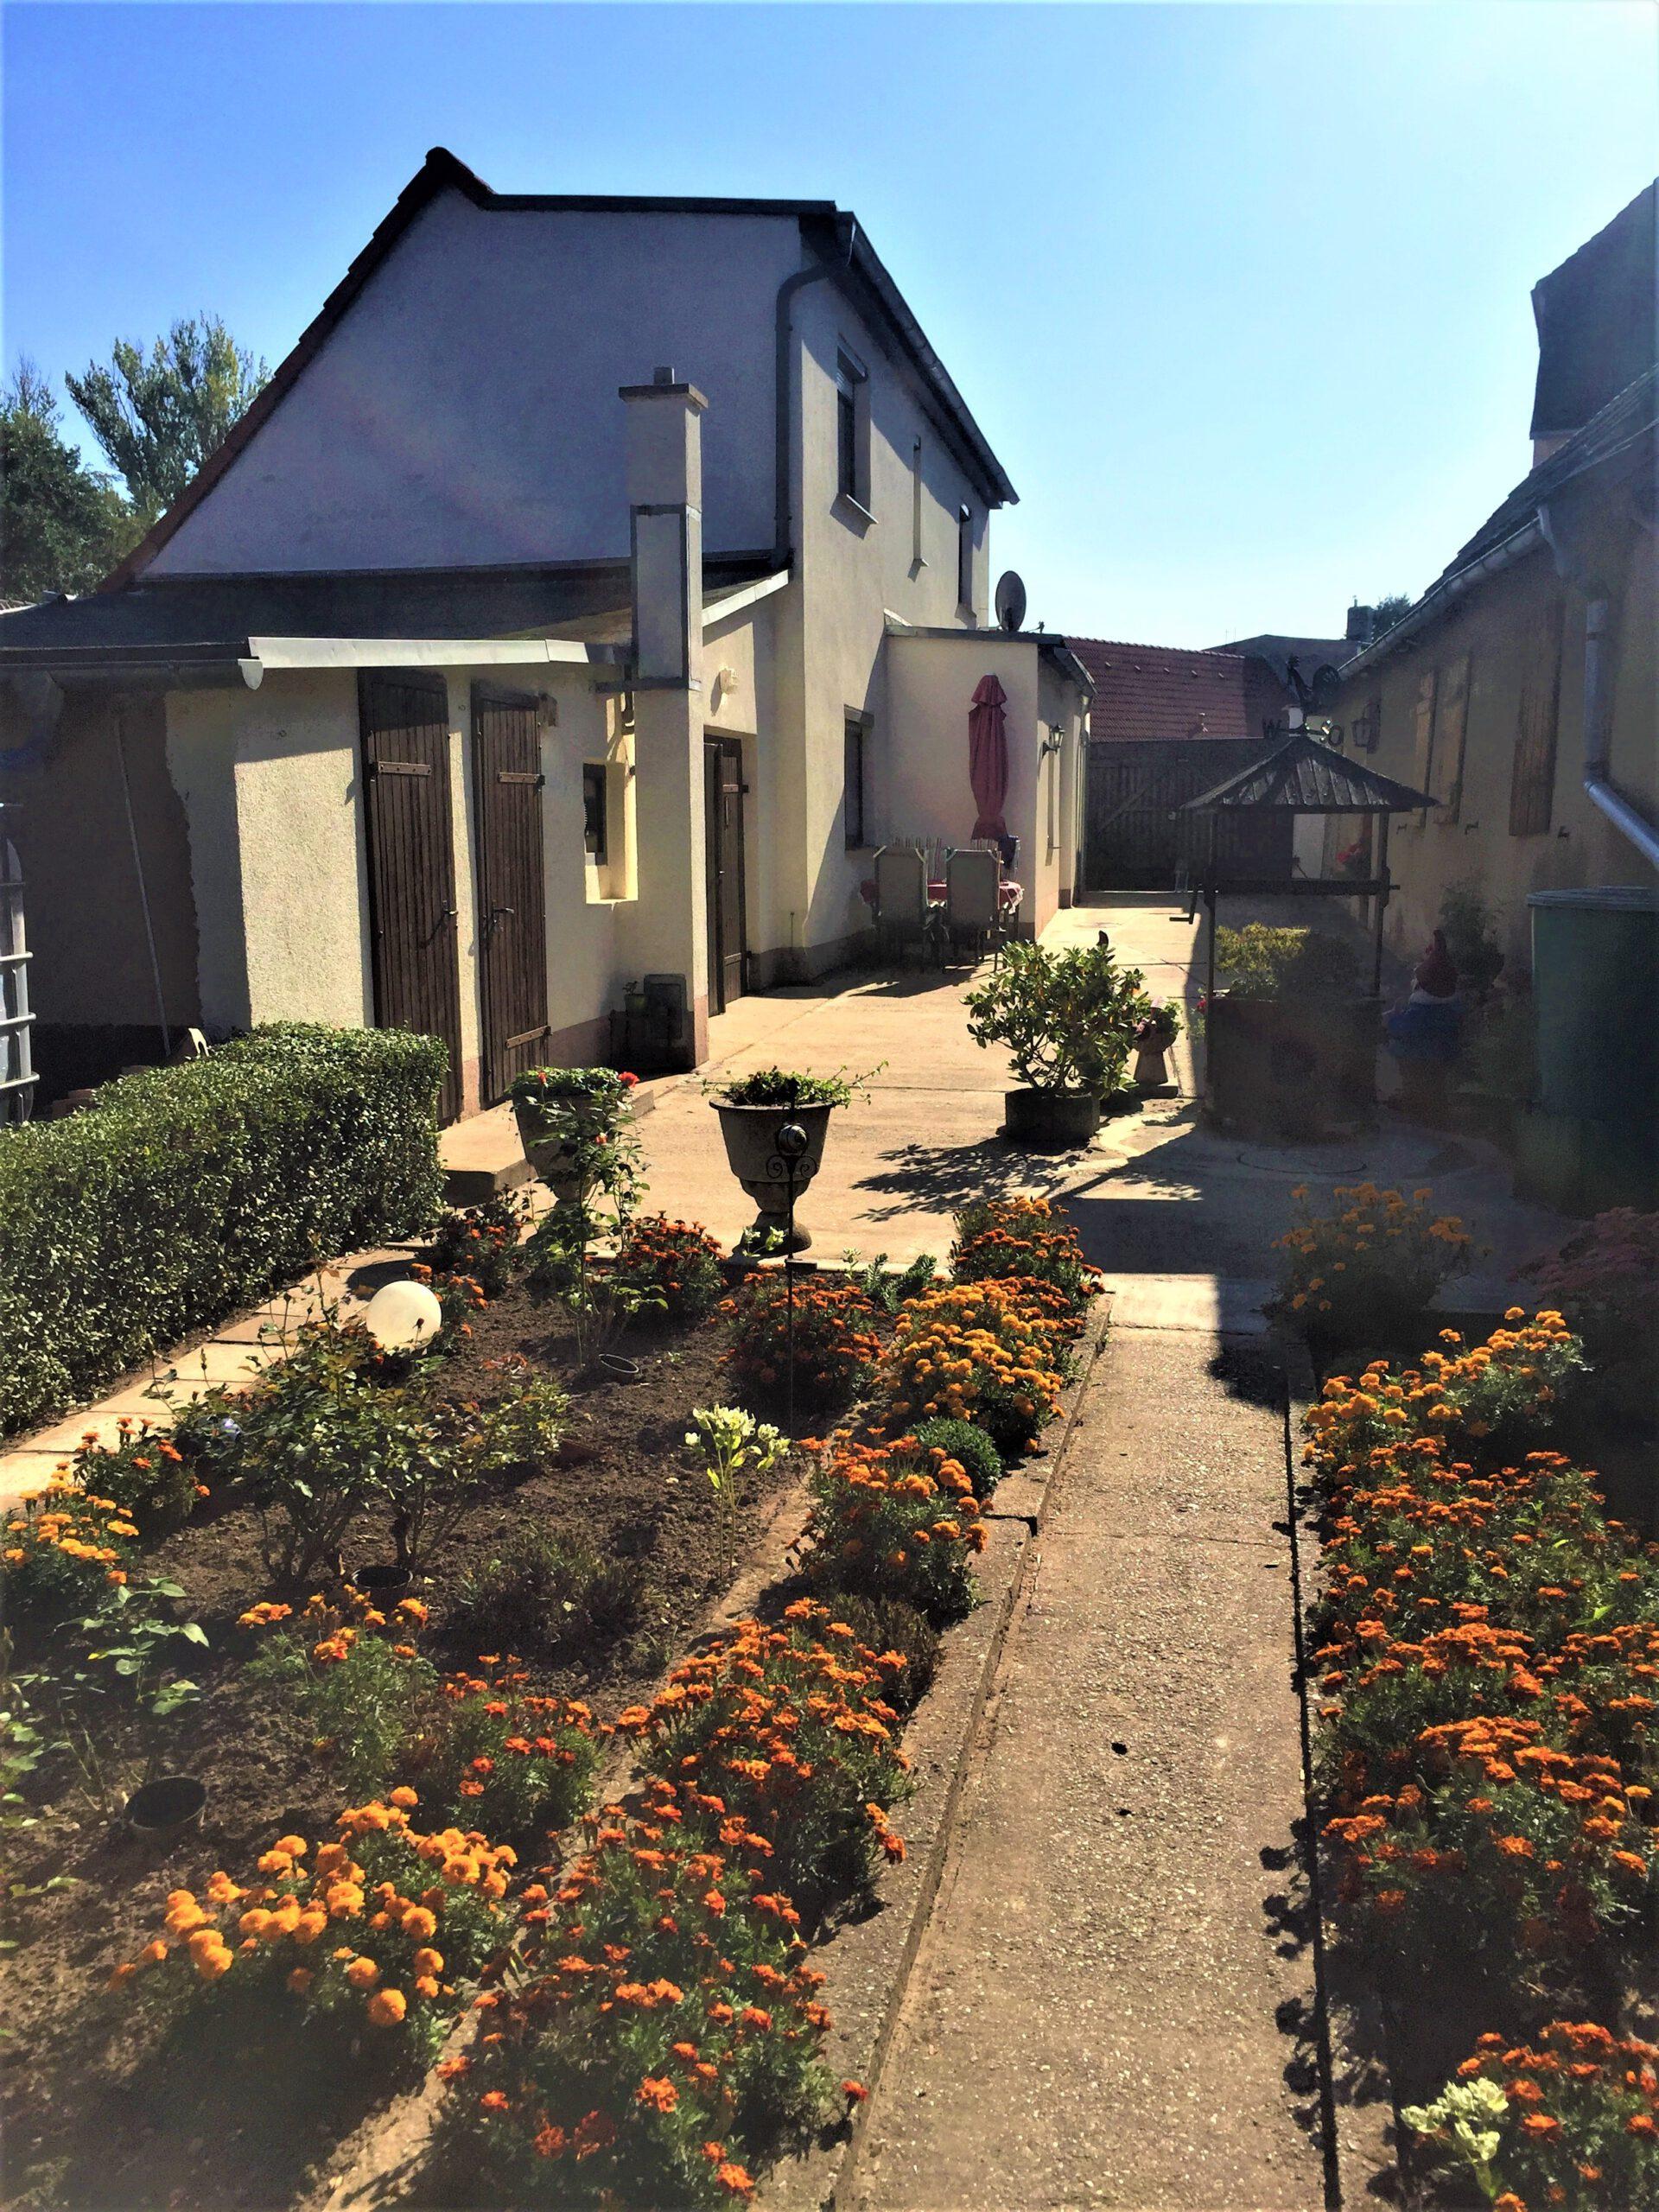 Einfamilienhaus in Gnölbzig - Blick zum Haus vom Garten